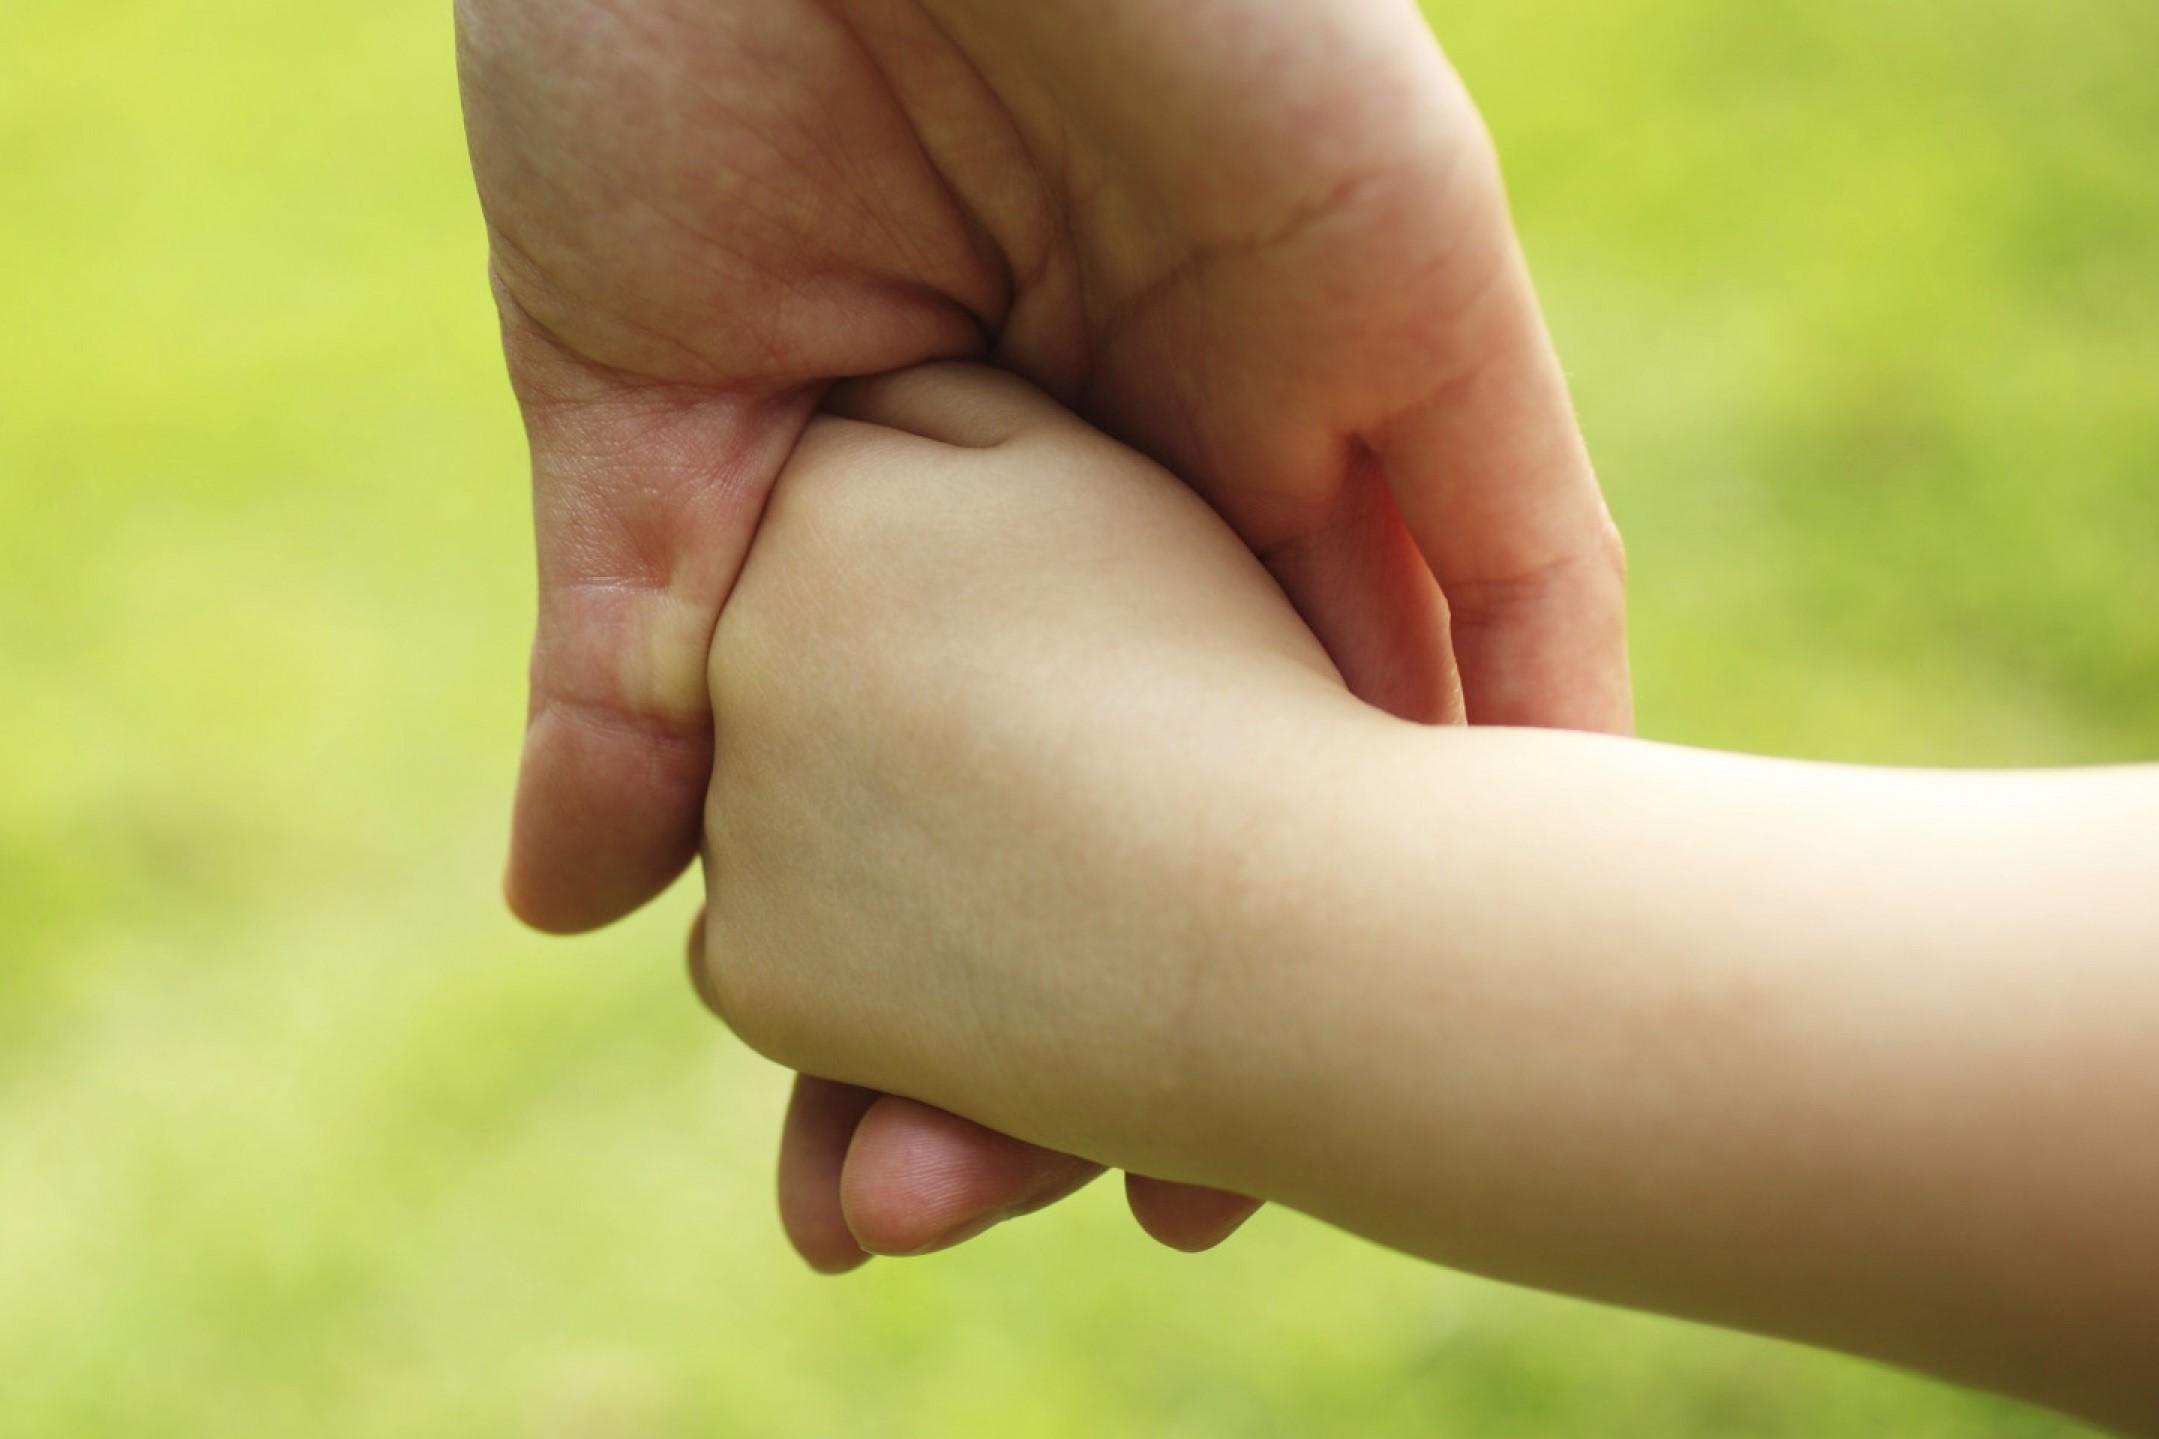 Методические рекомендации по государственной услуге «Организация приемных семей для граждан пожилого возраста и инвалидов»